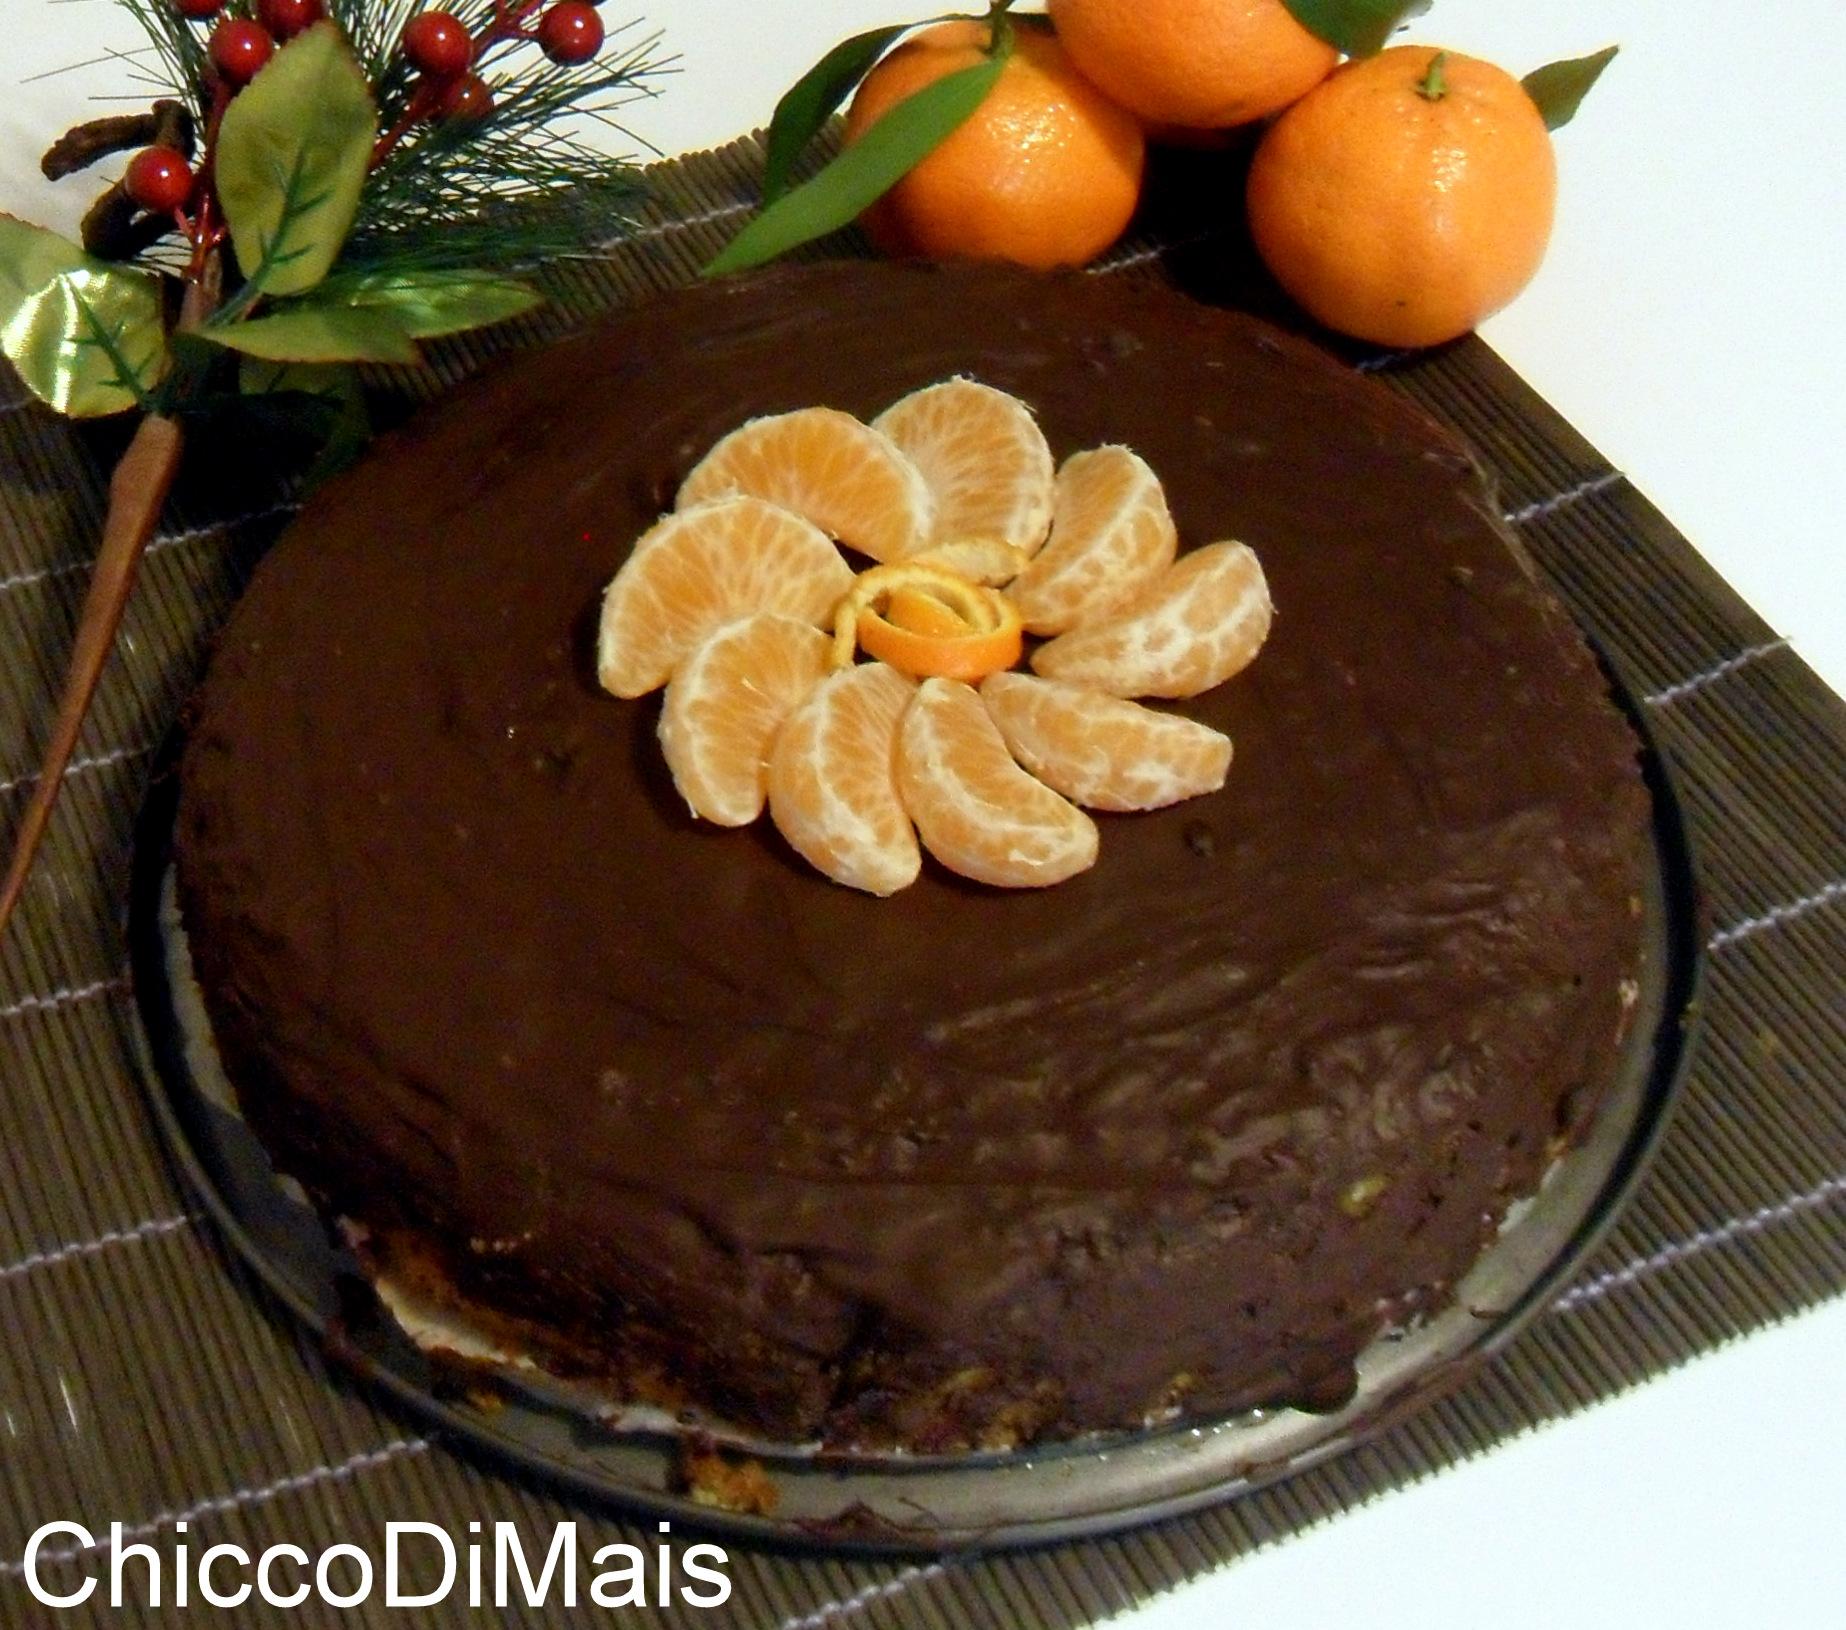 10 dolci per natale ricette facili il chicco di mais torta al mandarino